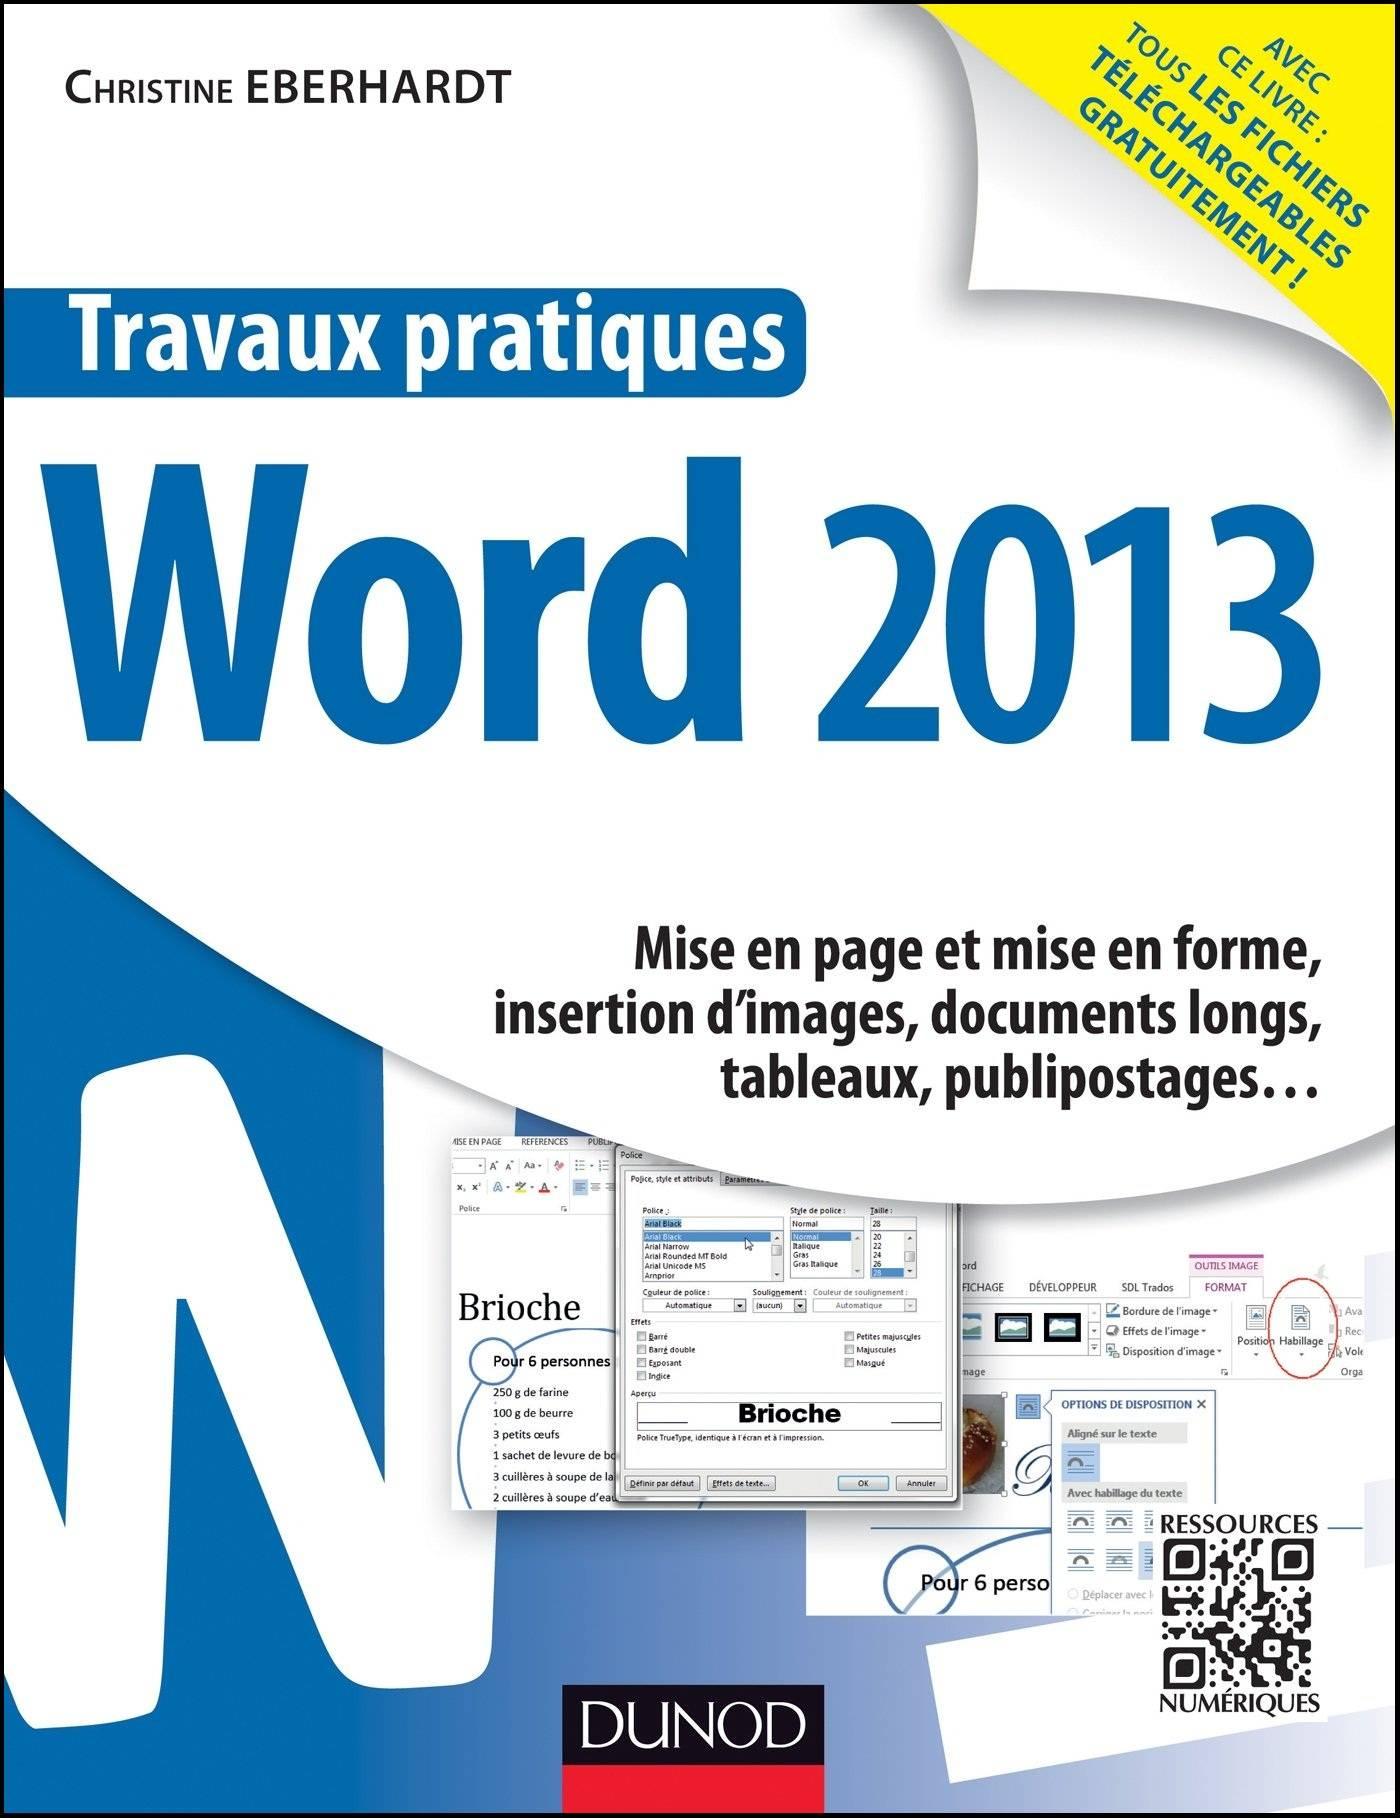 Travaux pratiques - Word 2013 : Mise en page et mise en forme, insertion d'images, documents longs, tableaux, publipostages …